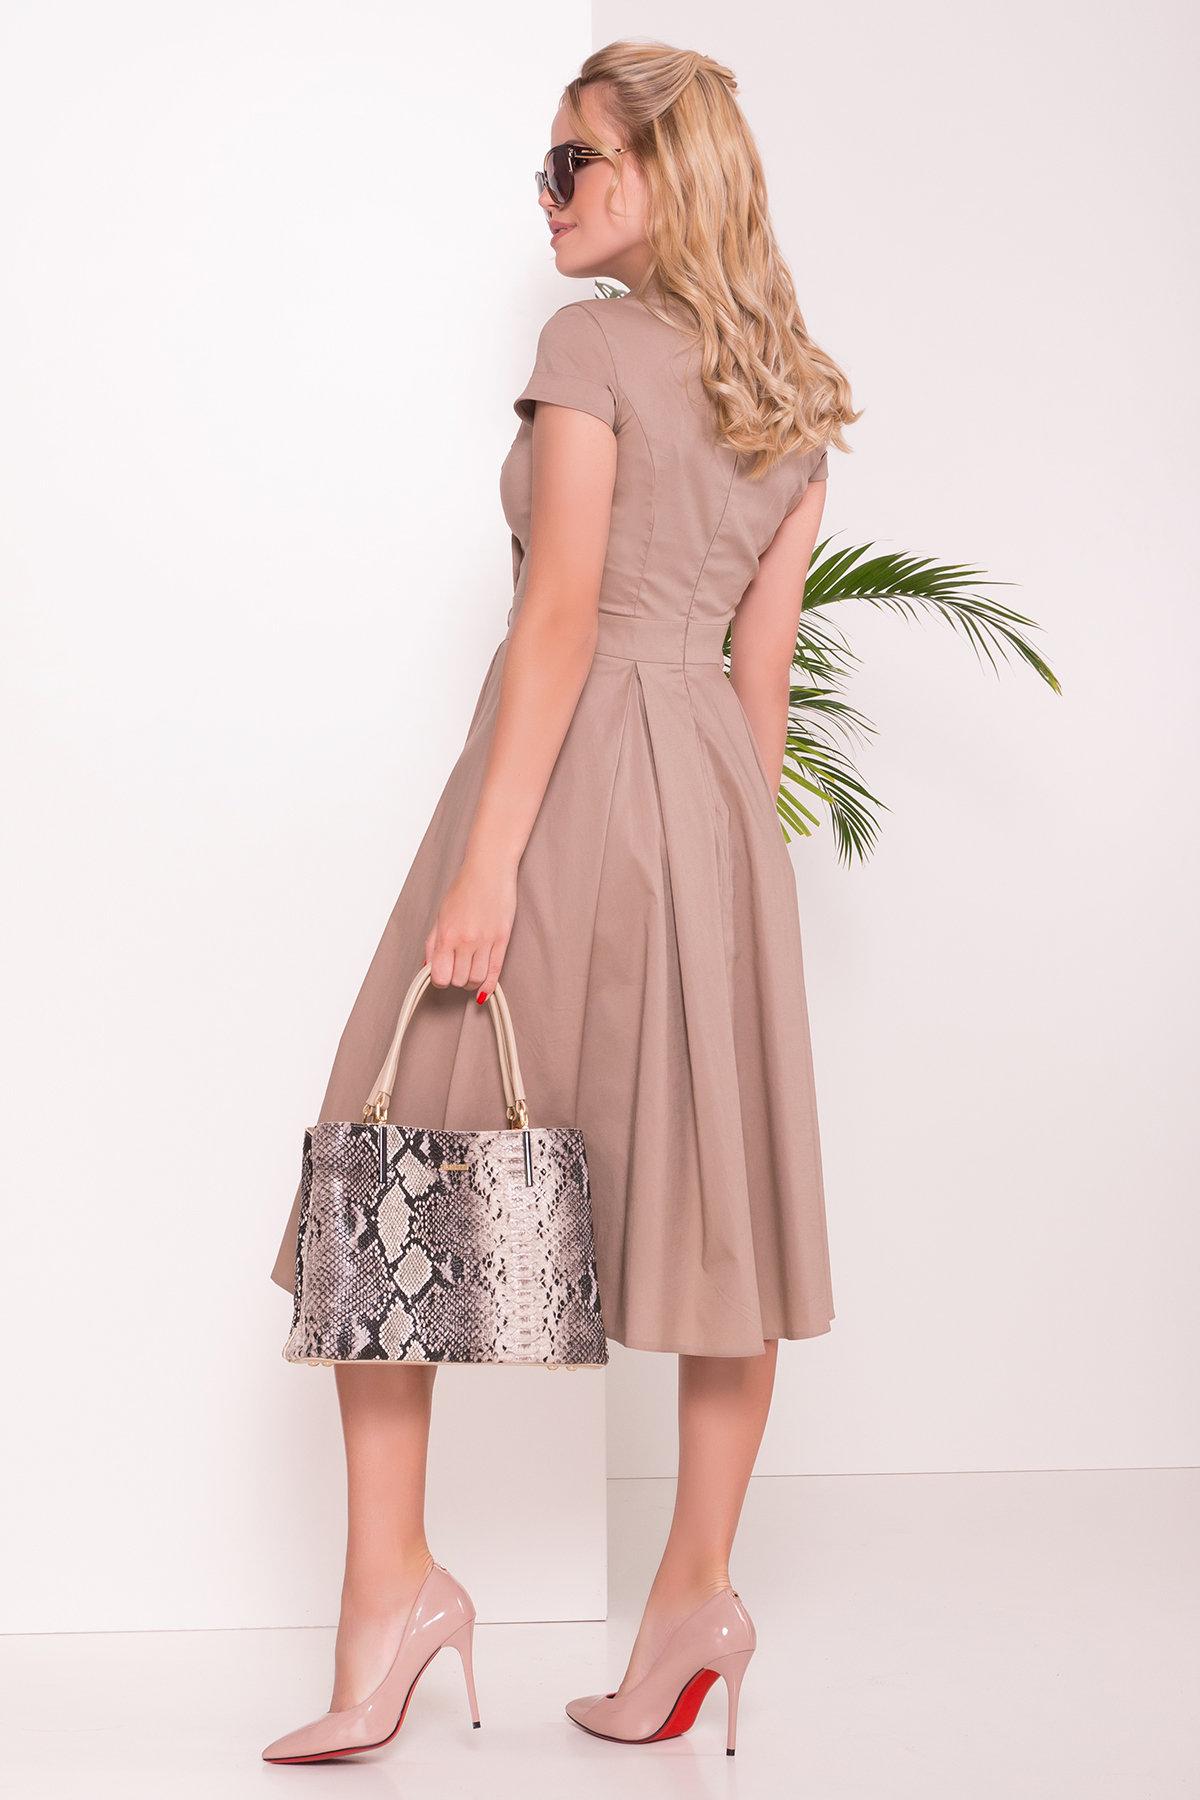 Платье Артего 7440 АРТ. 43452 Цвет: Бежевый 3 - фото 2, интернет магазин tm-modus.ru